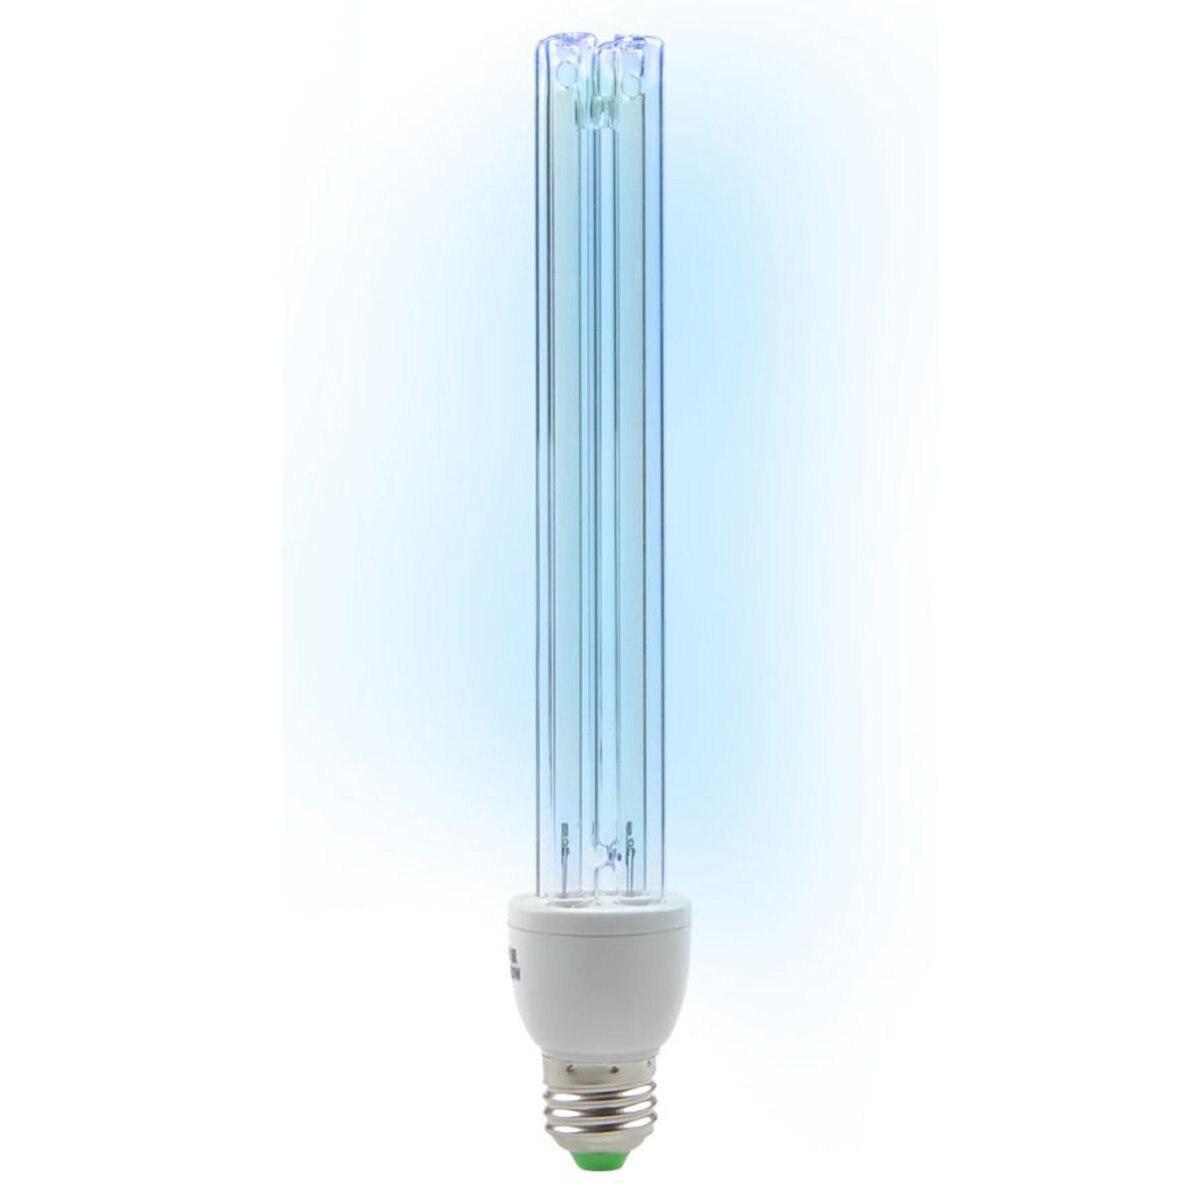 Uv Lampe Licht Rohr Birne E27 20 watt AC220V UVC Desinfektion Lampe Ozon Sterilisation Milben Lichter Entkeimungslampe Birne